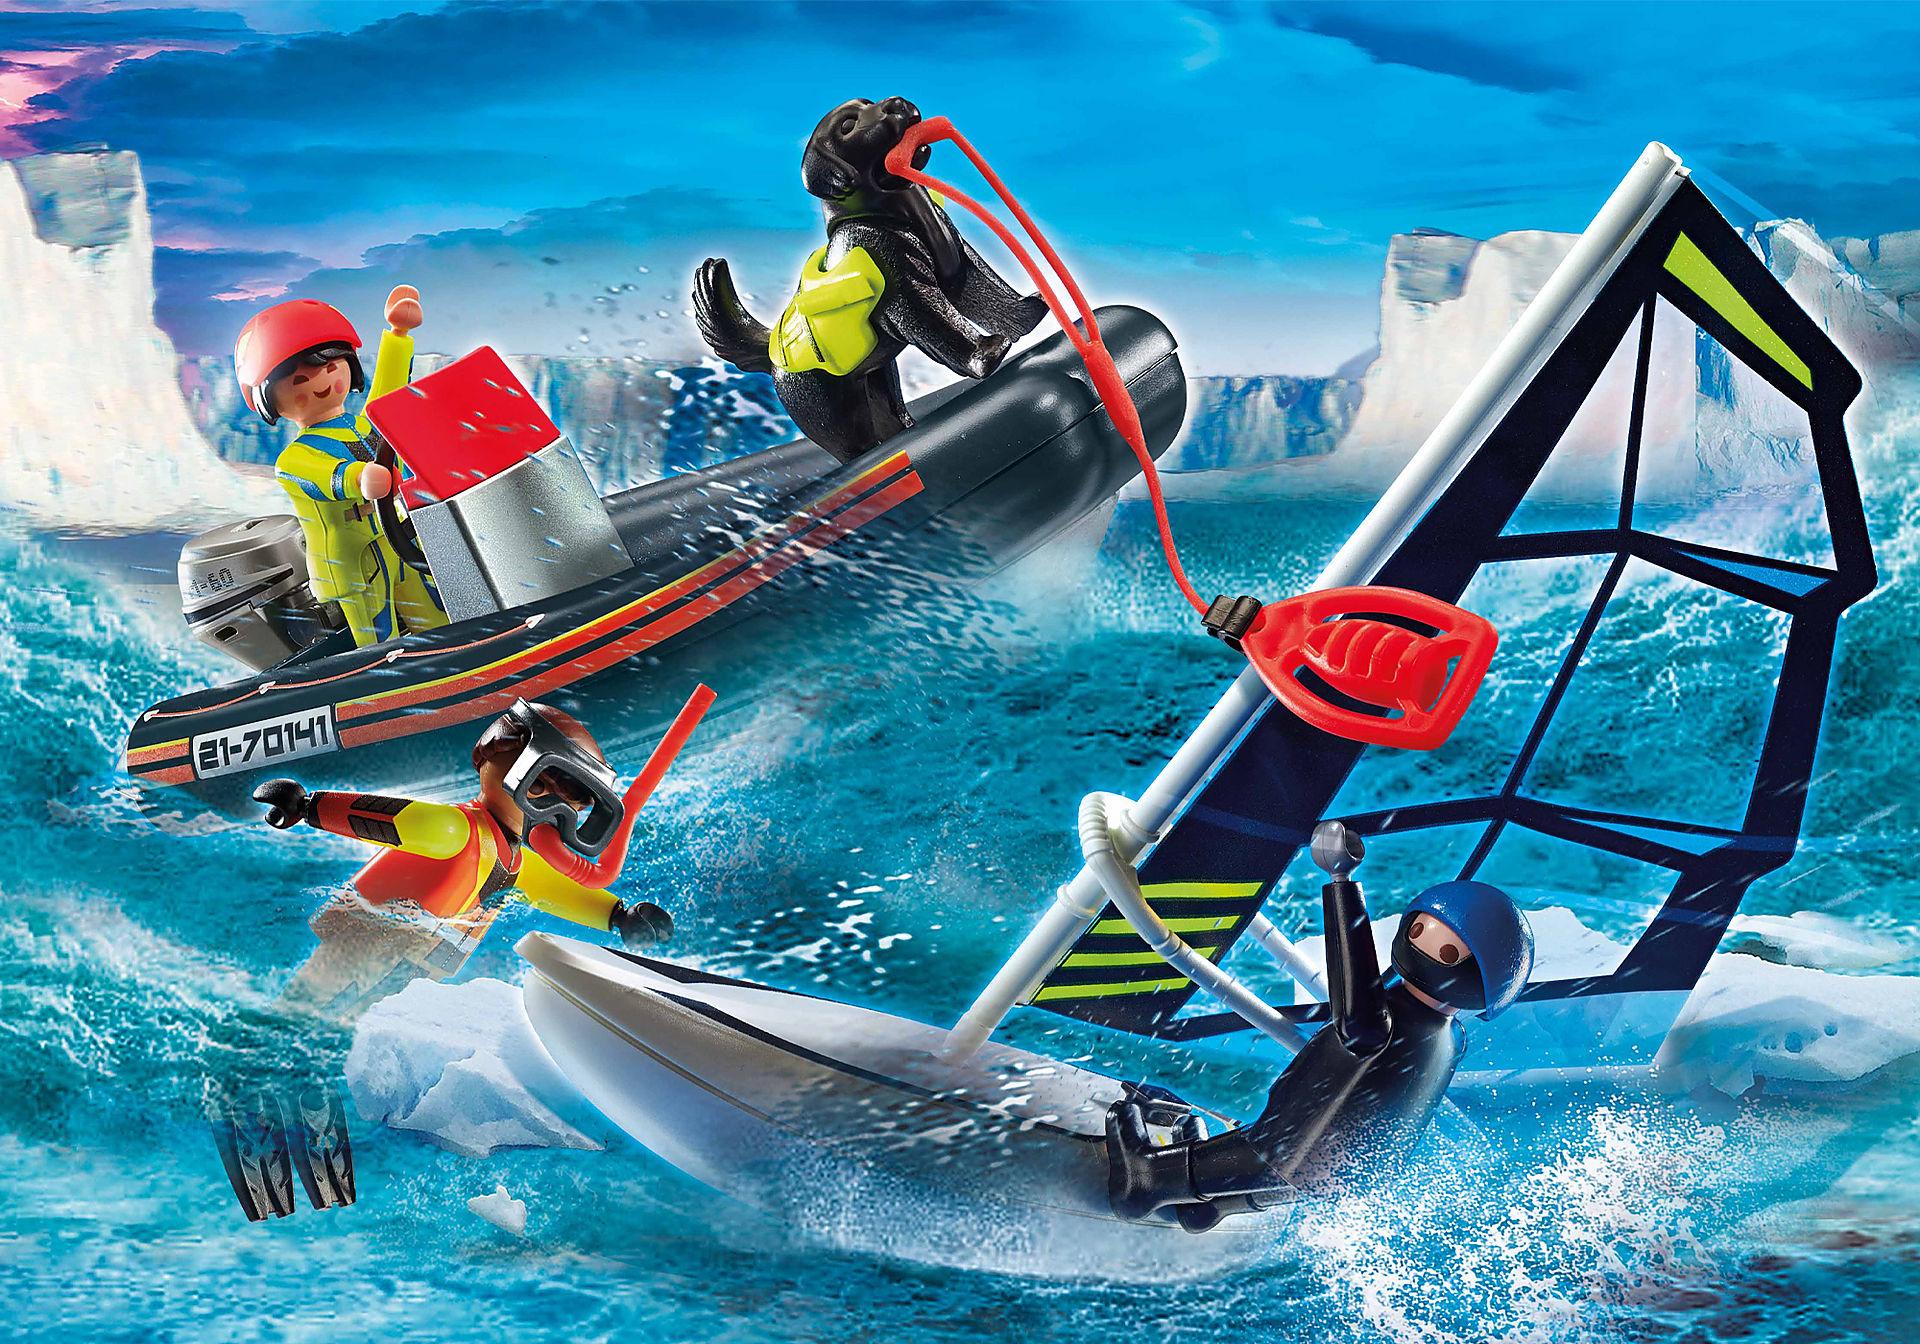 70141 Skibsredning: Polarsejler-redning med gummibåd zoom image1